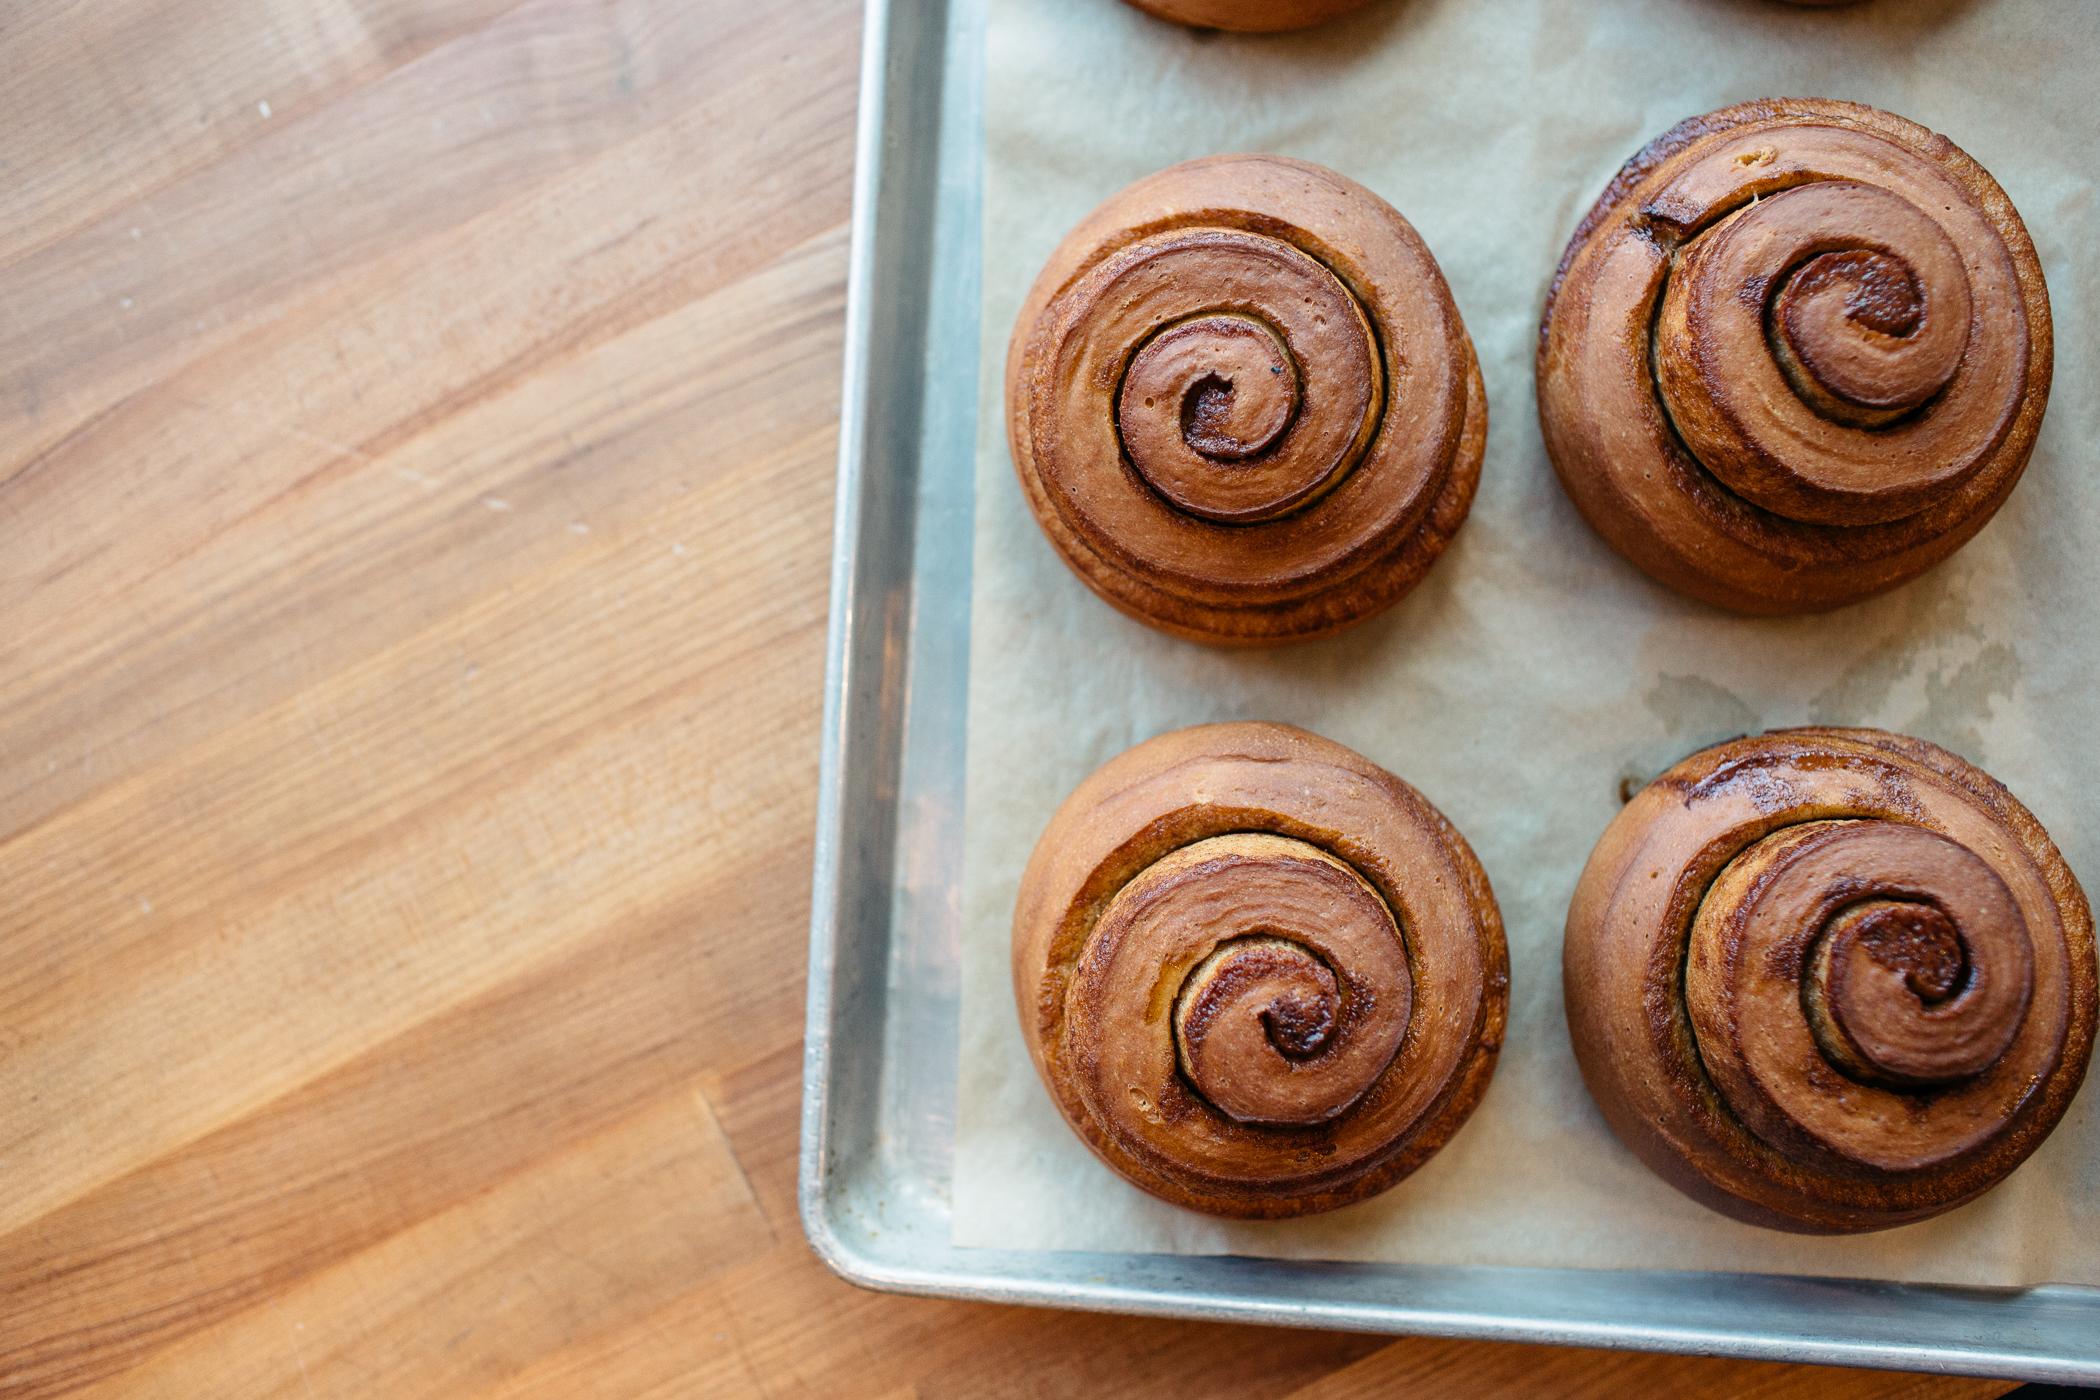 Revered Vegetarian Restaurant Cafe Flora Plans Beacon Hill Bakery for Next Spring